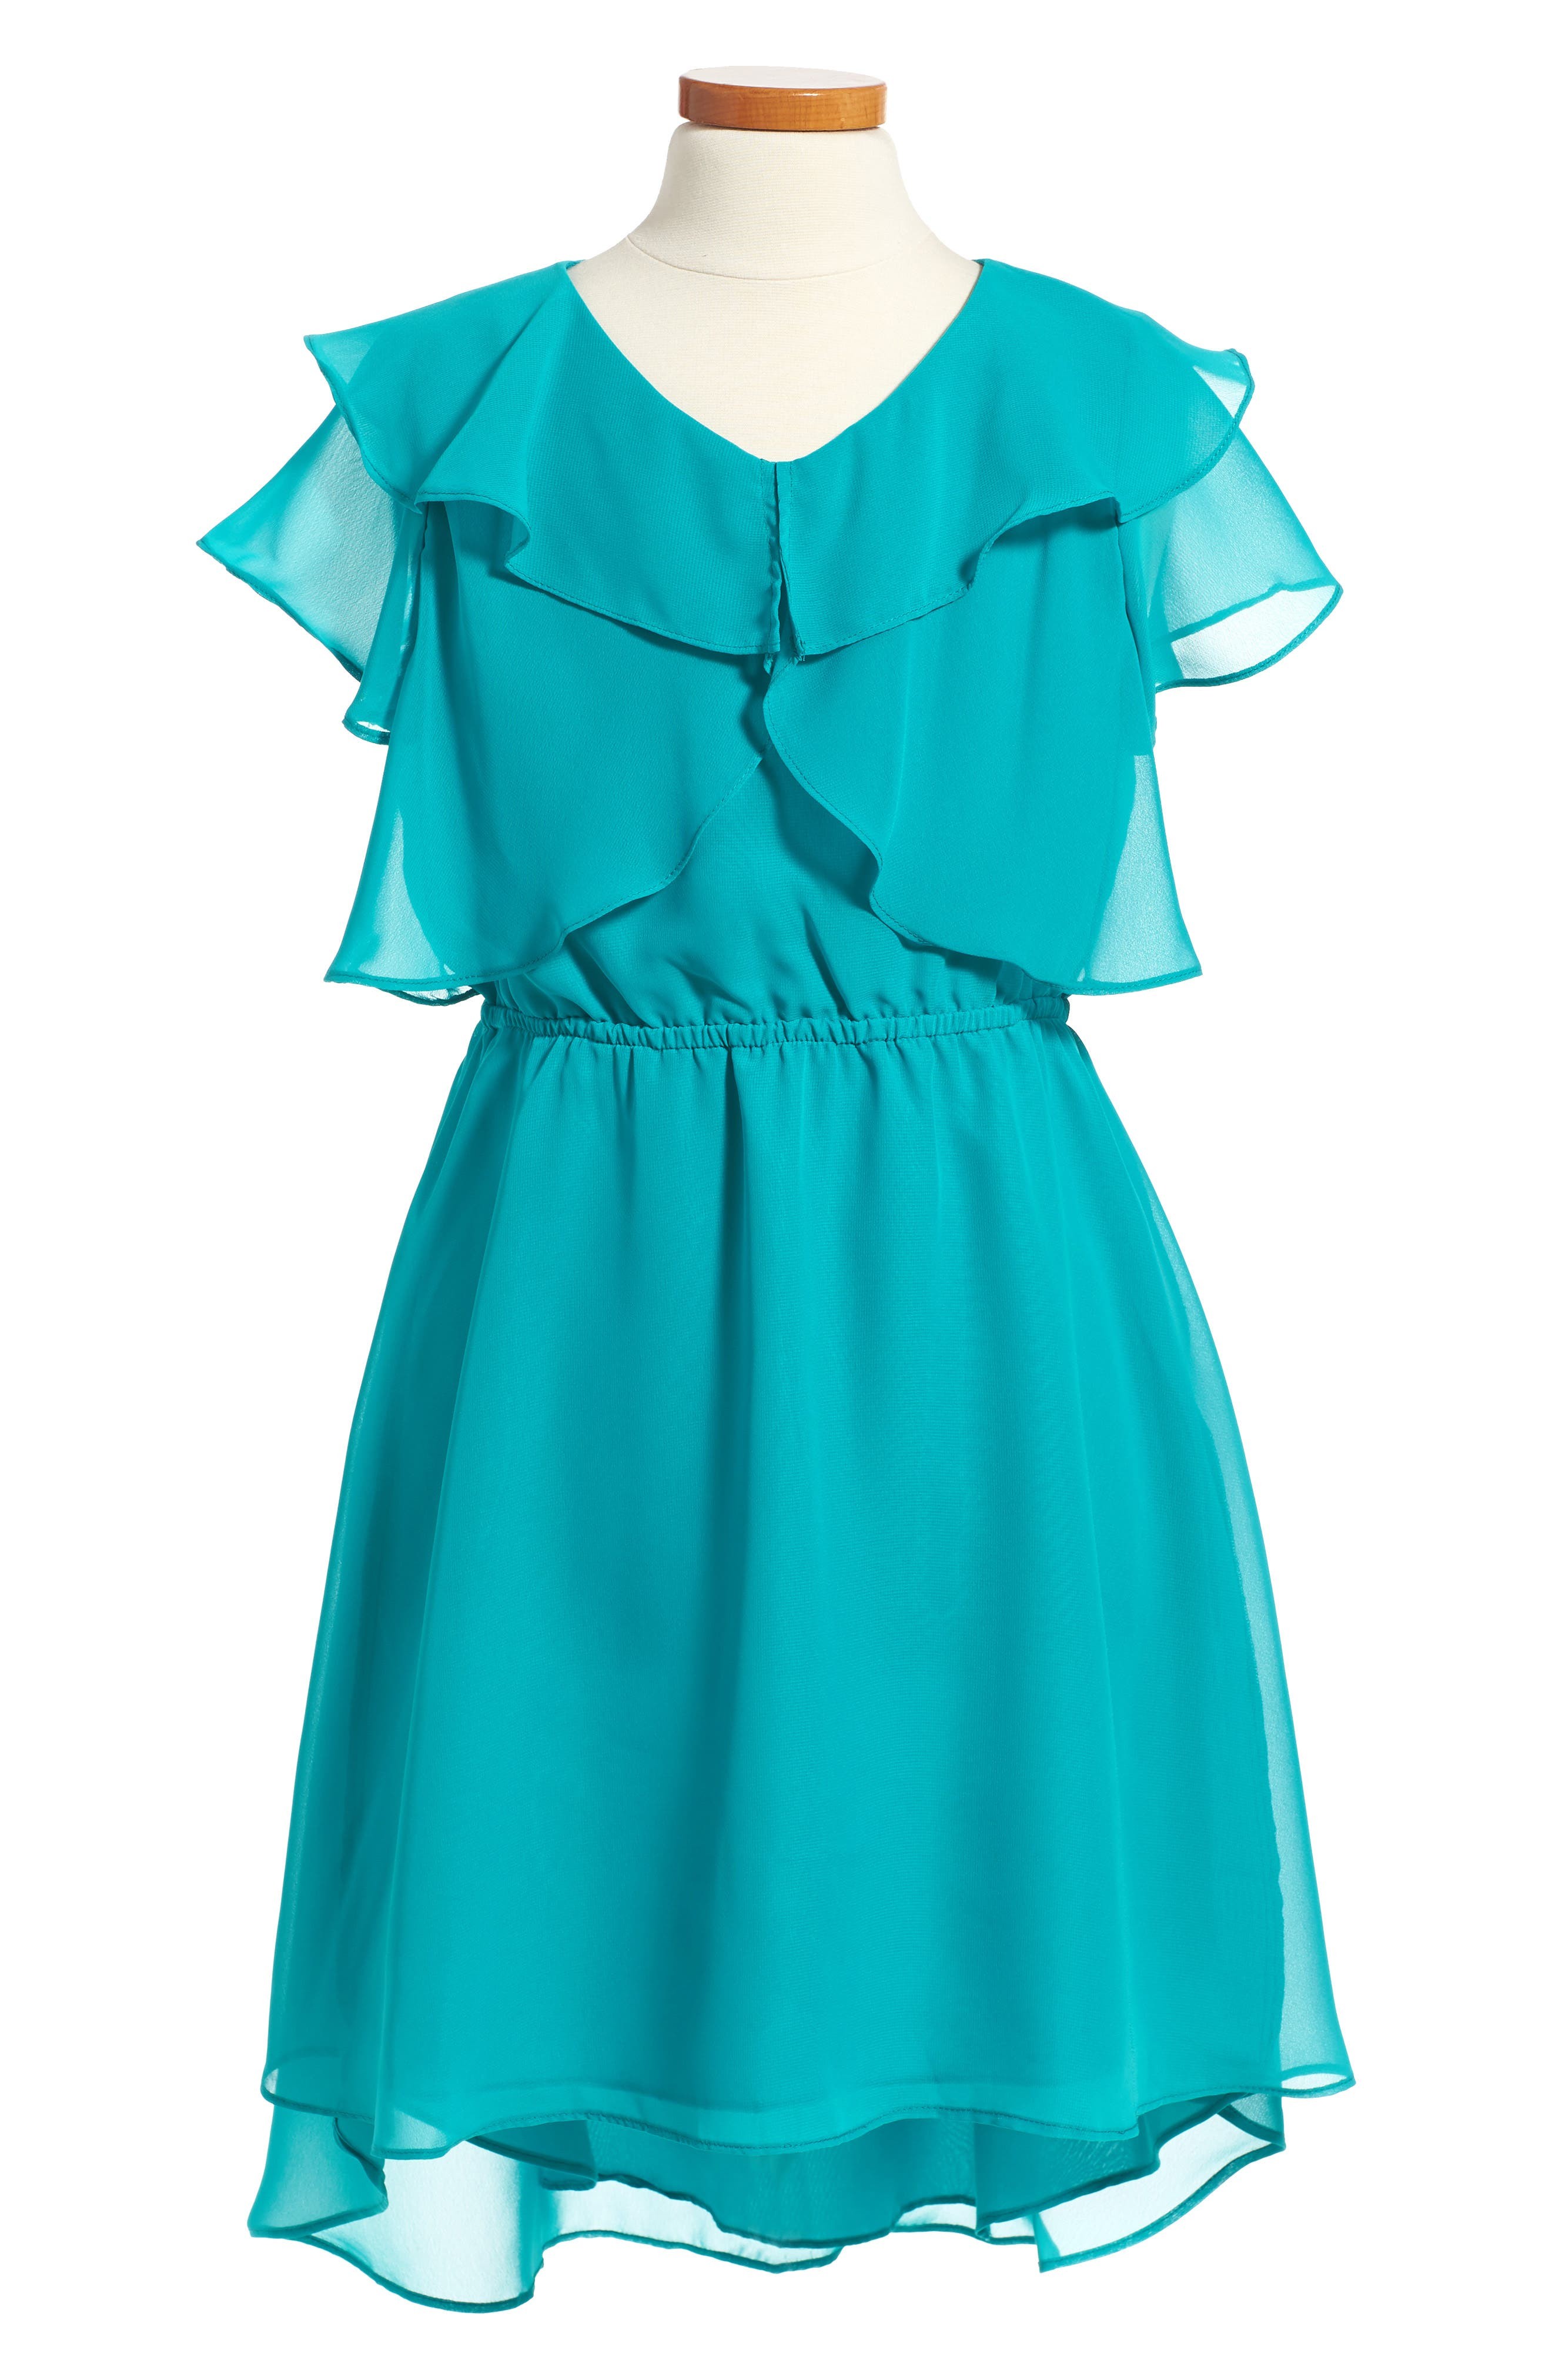 Blush by Us Angels Ruffle Dress (Big Girls)